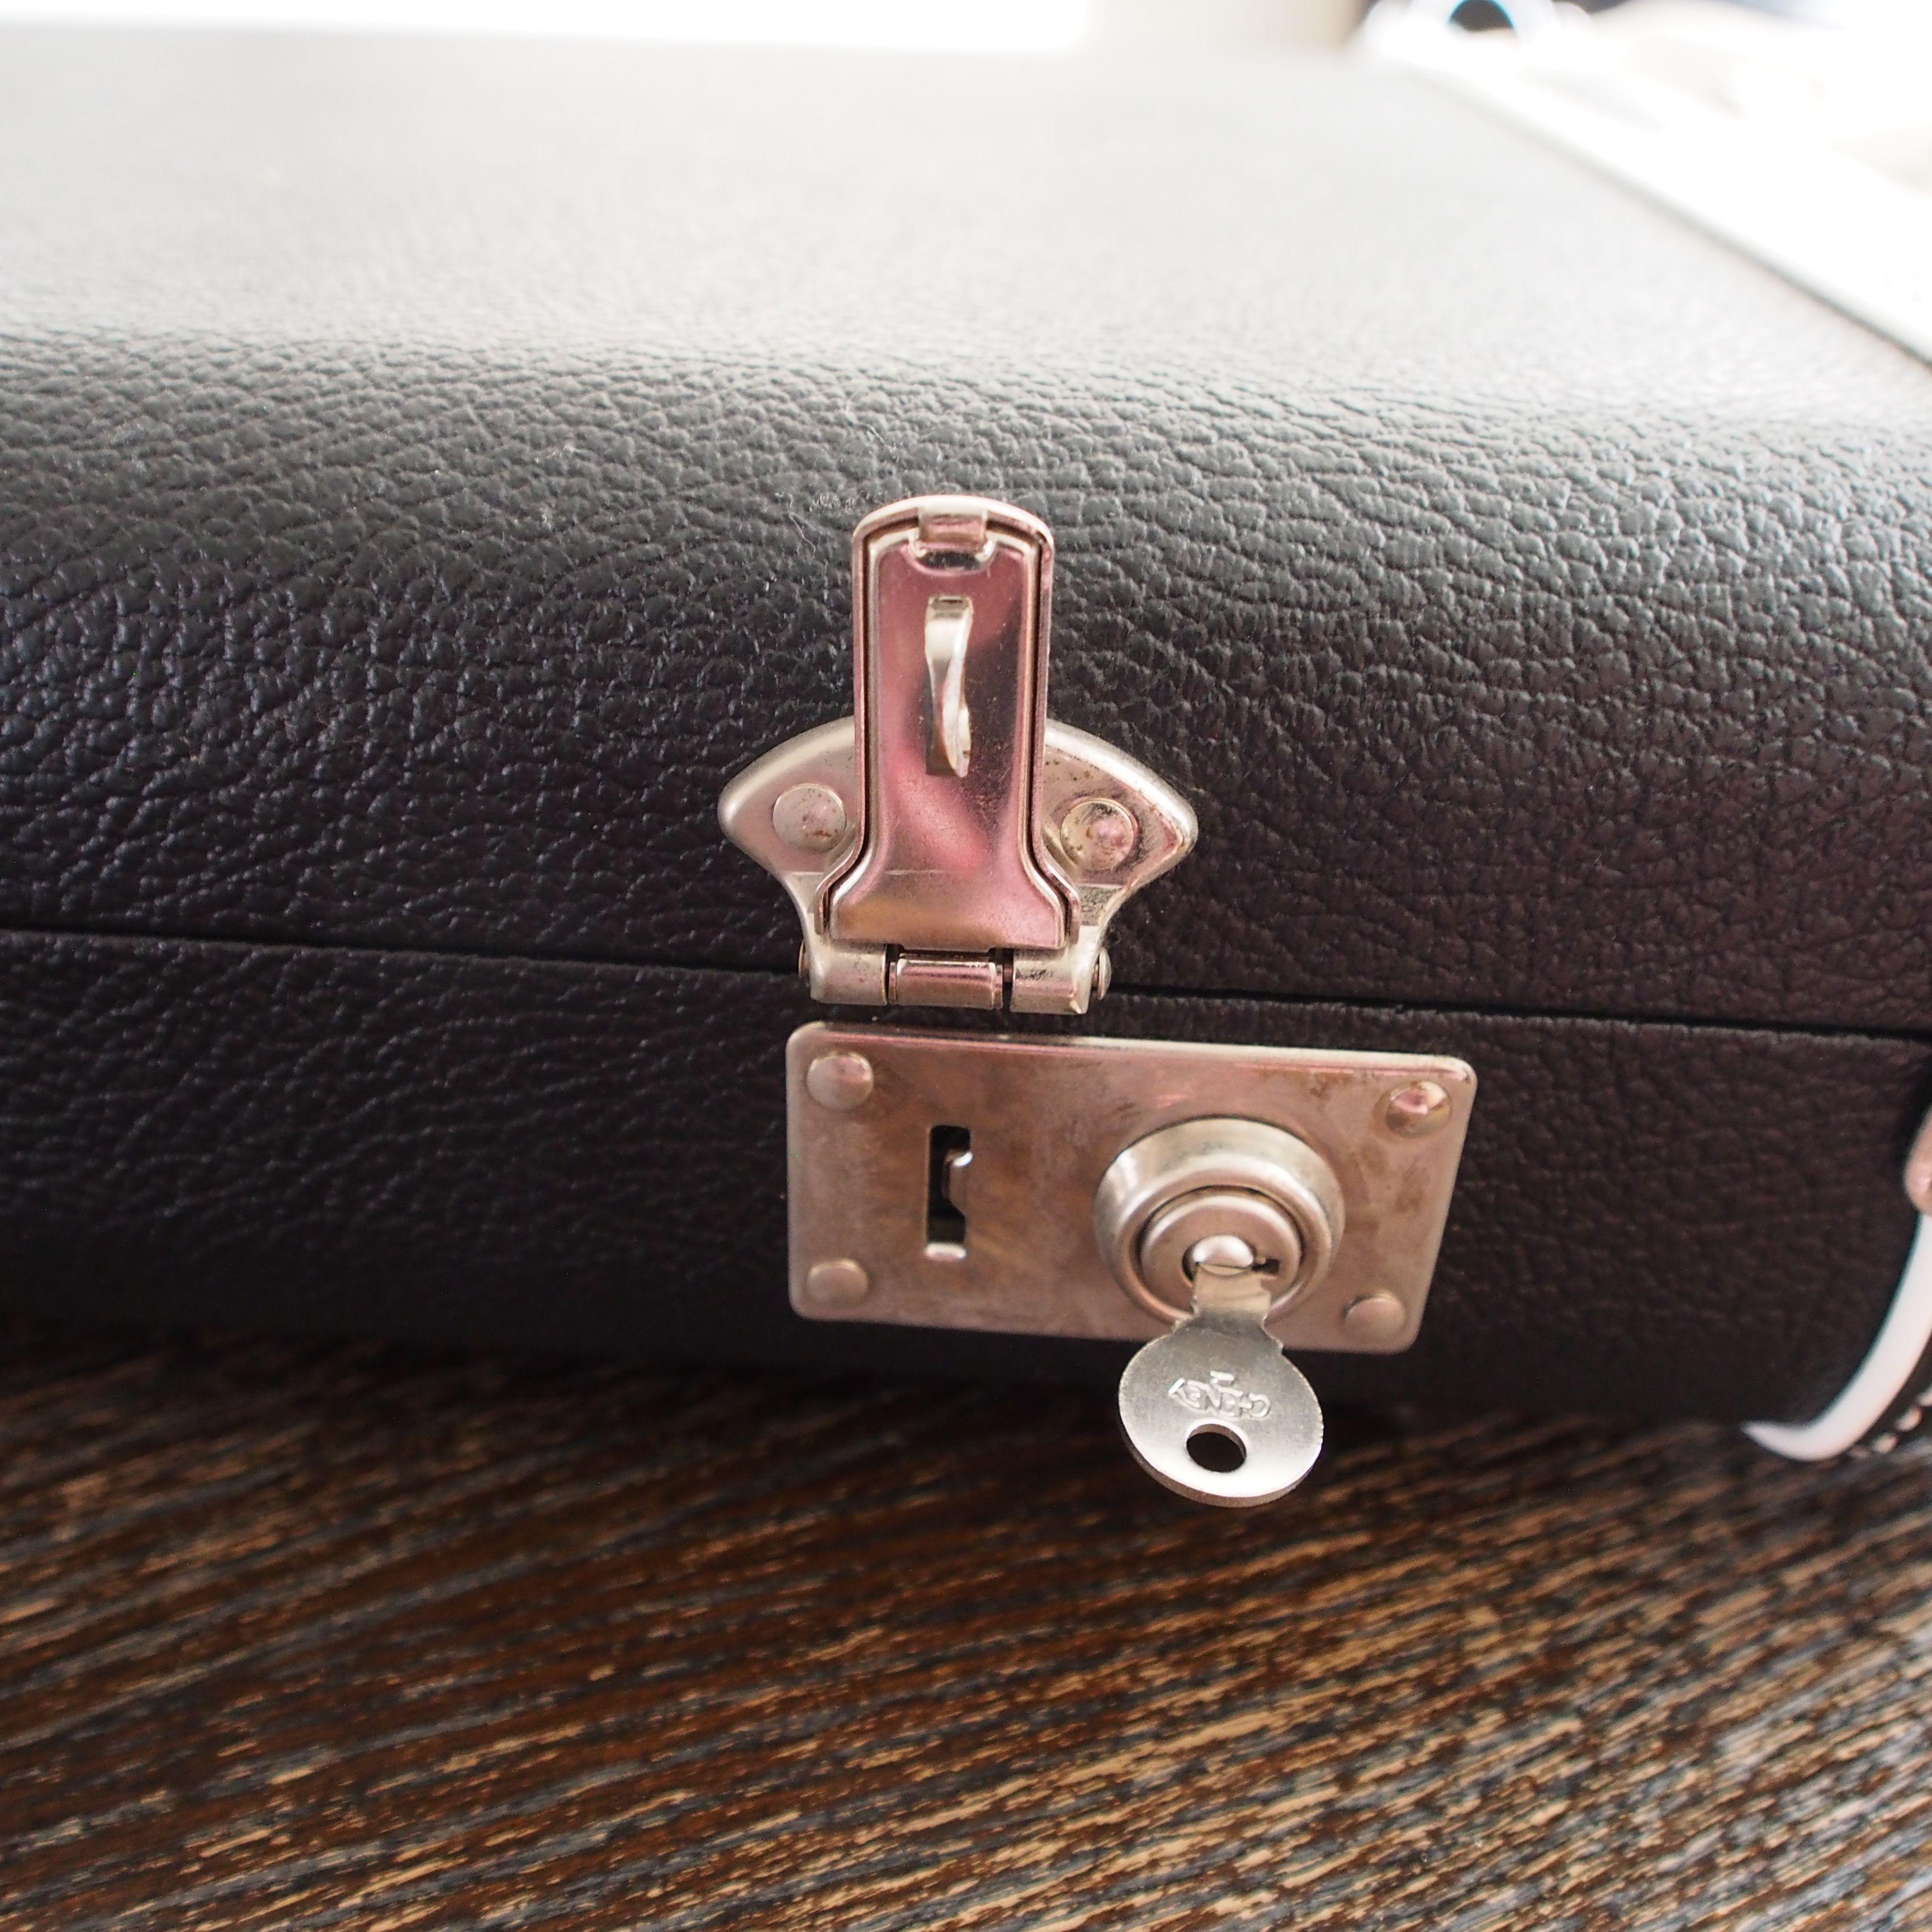 左右のロックは鍵を指す部分を横にスライドすると、フックが外れてあきます。左側のカギのフックが衝撃で外れやすいです。